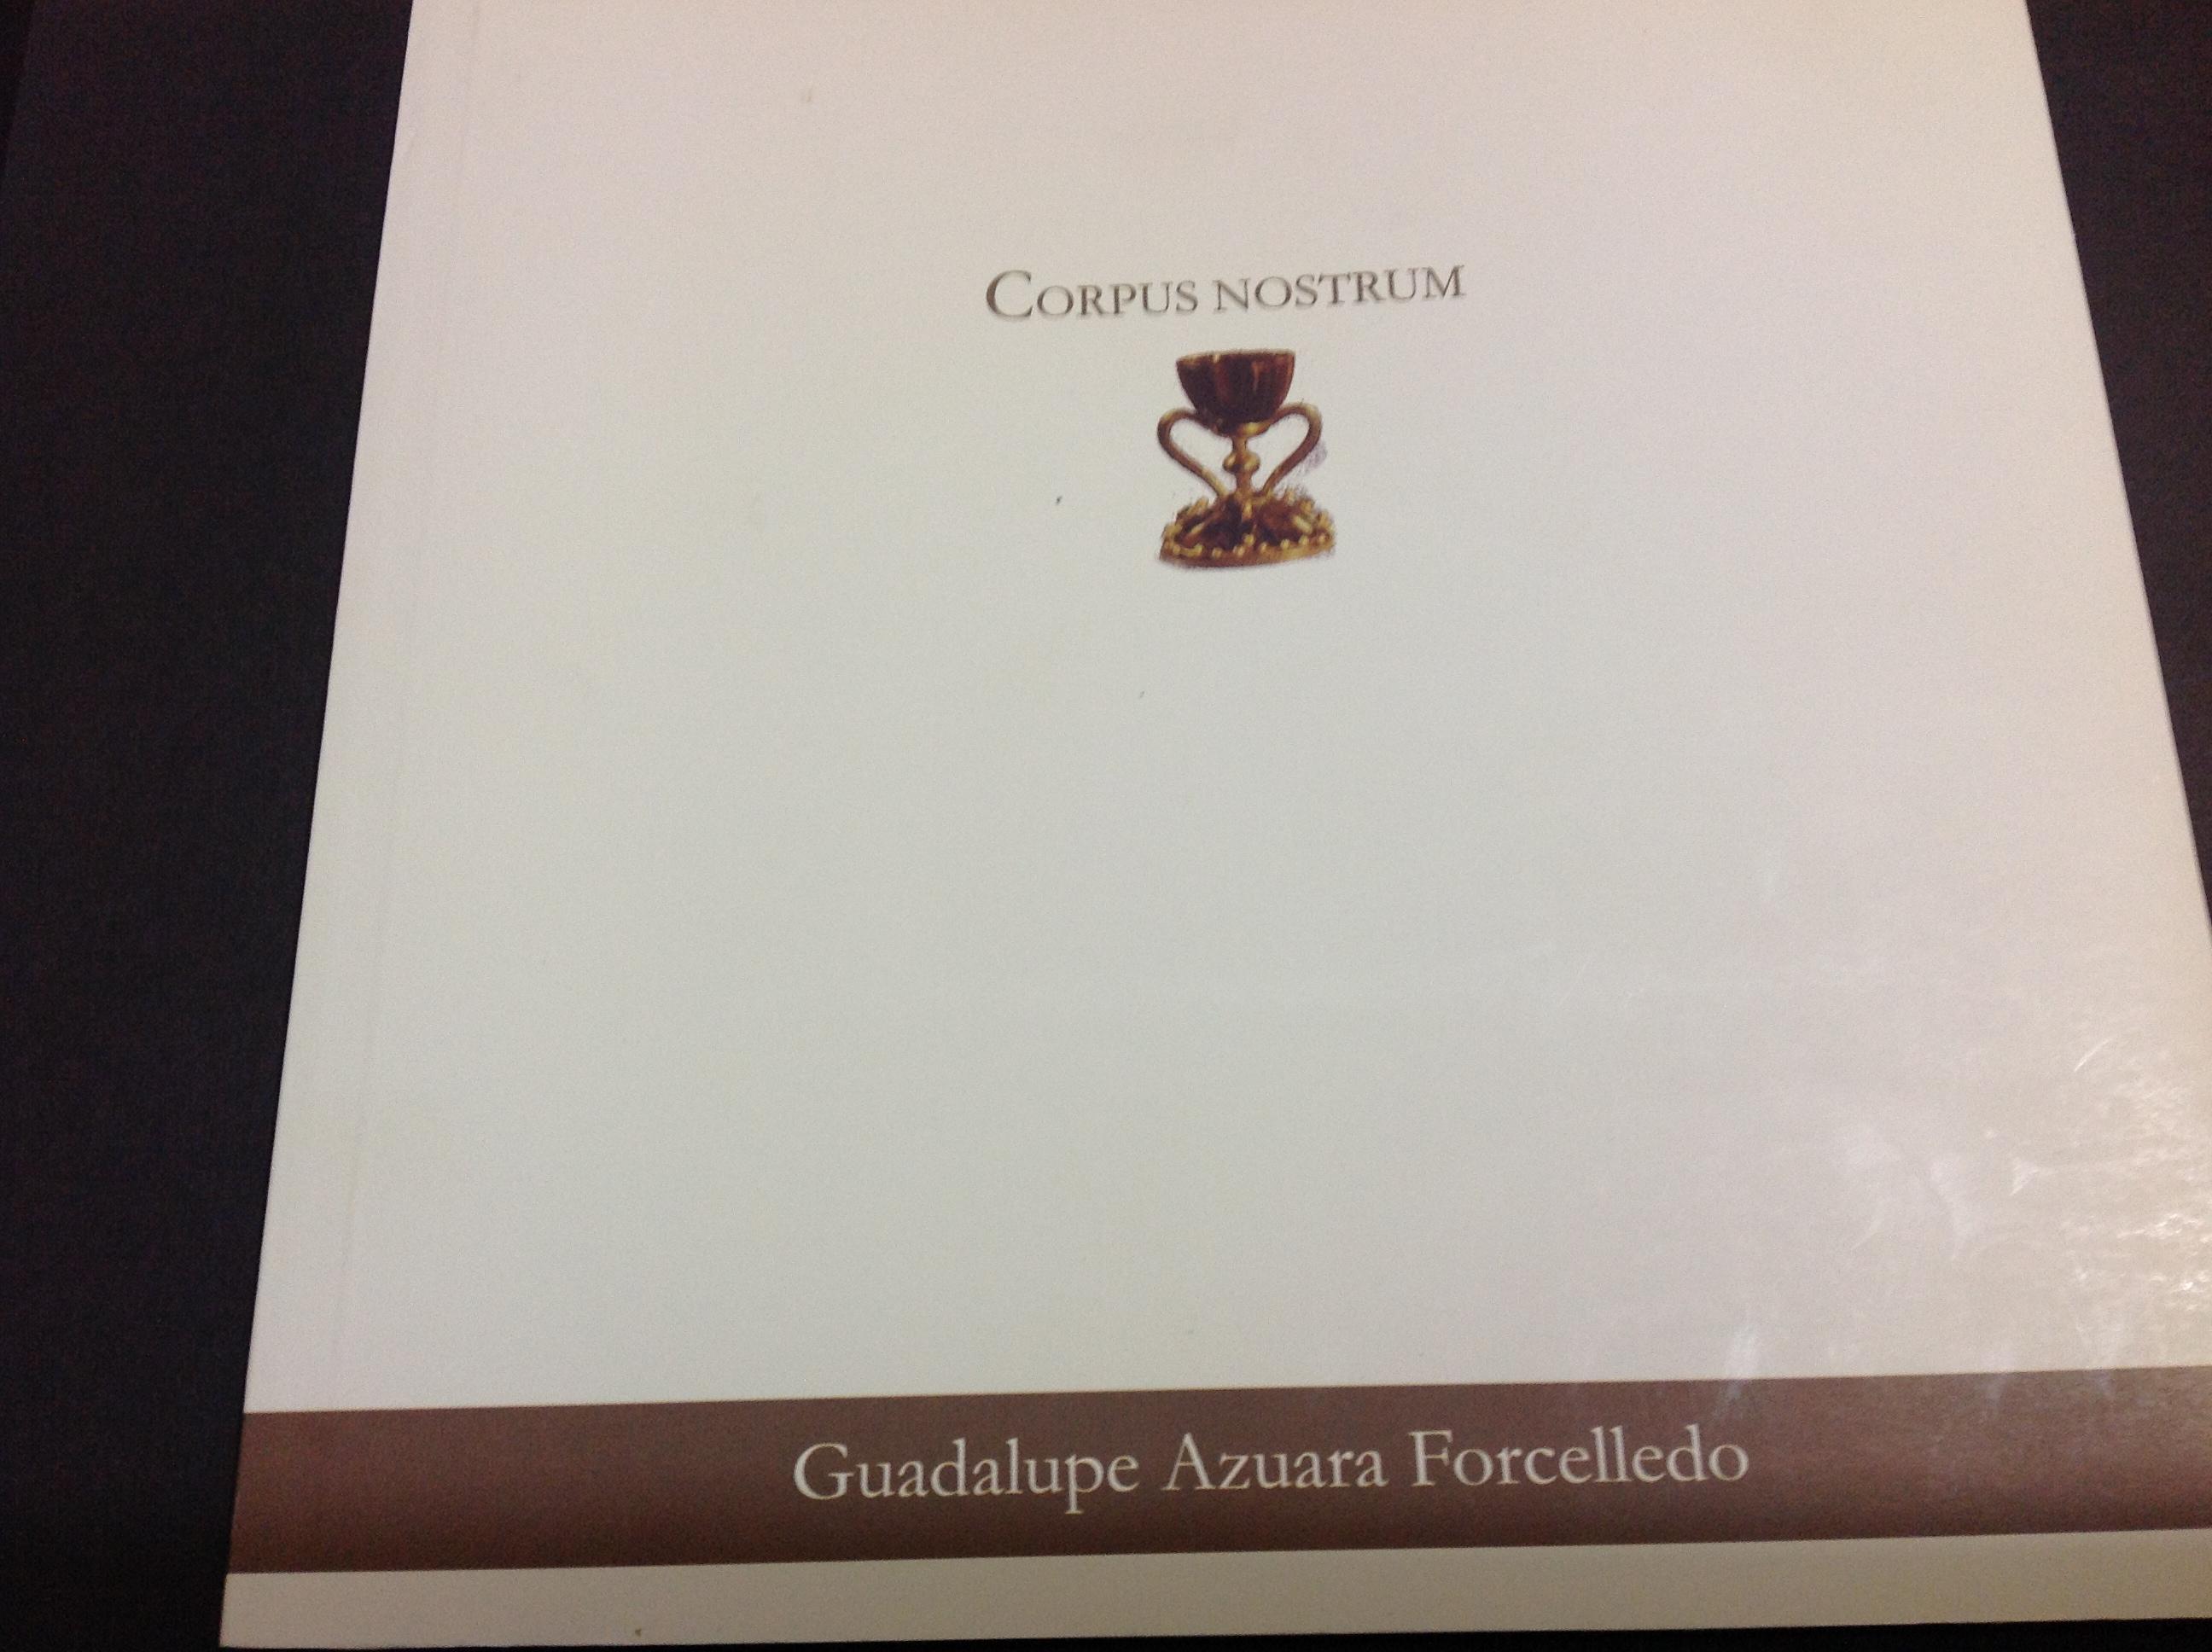 Corpus Nostrum